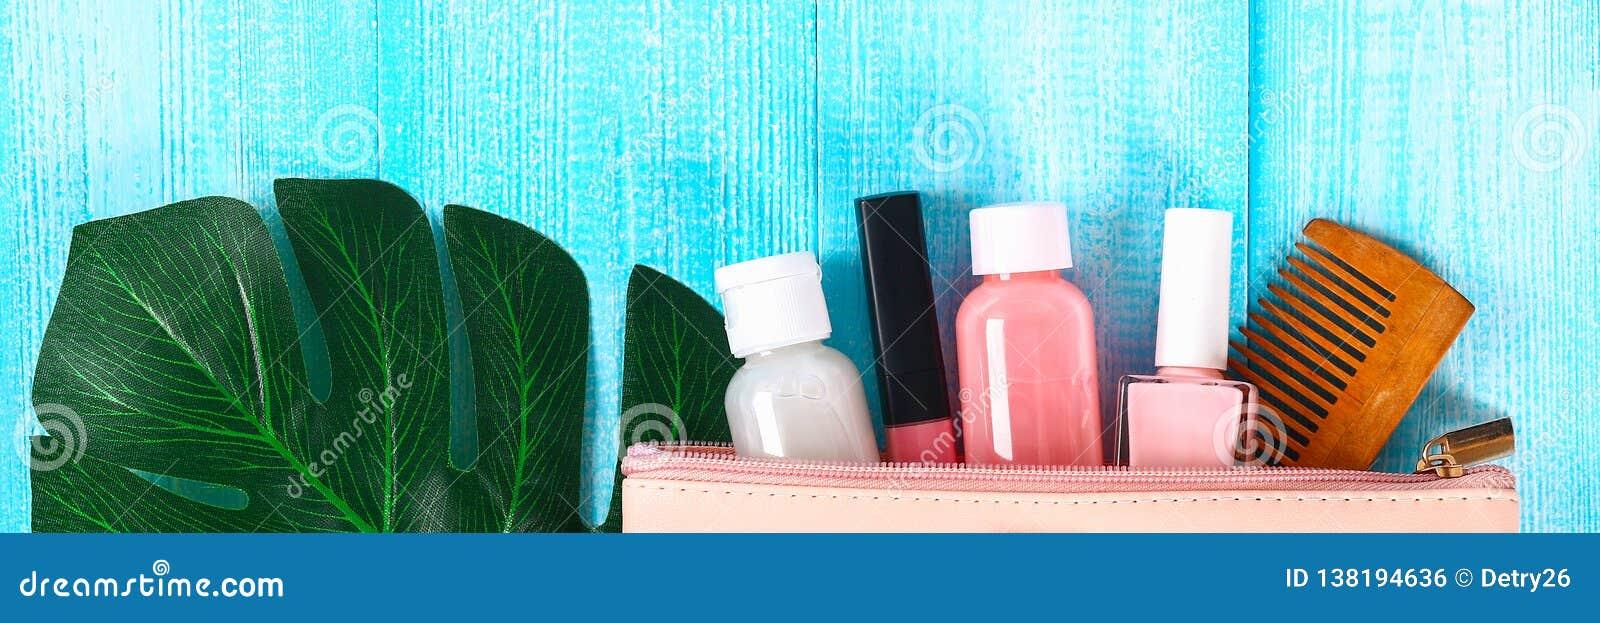 Καλλυντικά σε μια ρόδινη καλλυντική τσάντα Το χείλι σχολιάζει, αποβουτυρώνει, καρφώνει τη στιλβωτική ουσία, προϊόντα φροντίδας δέ